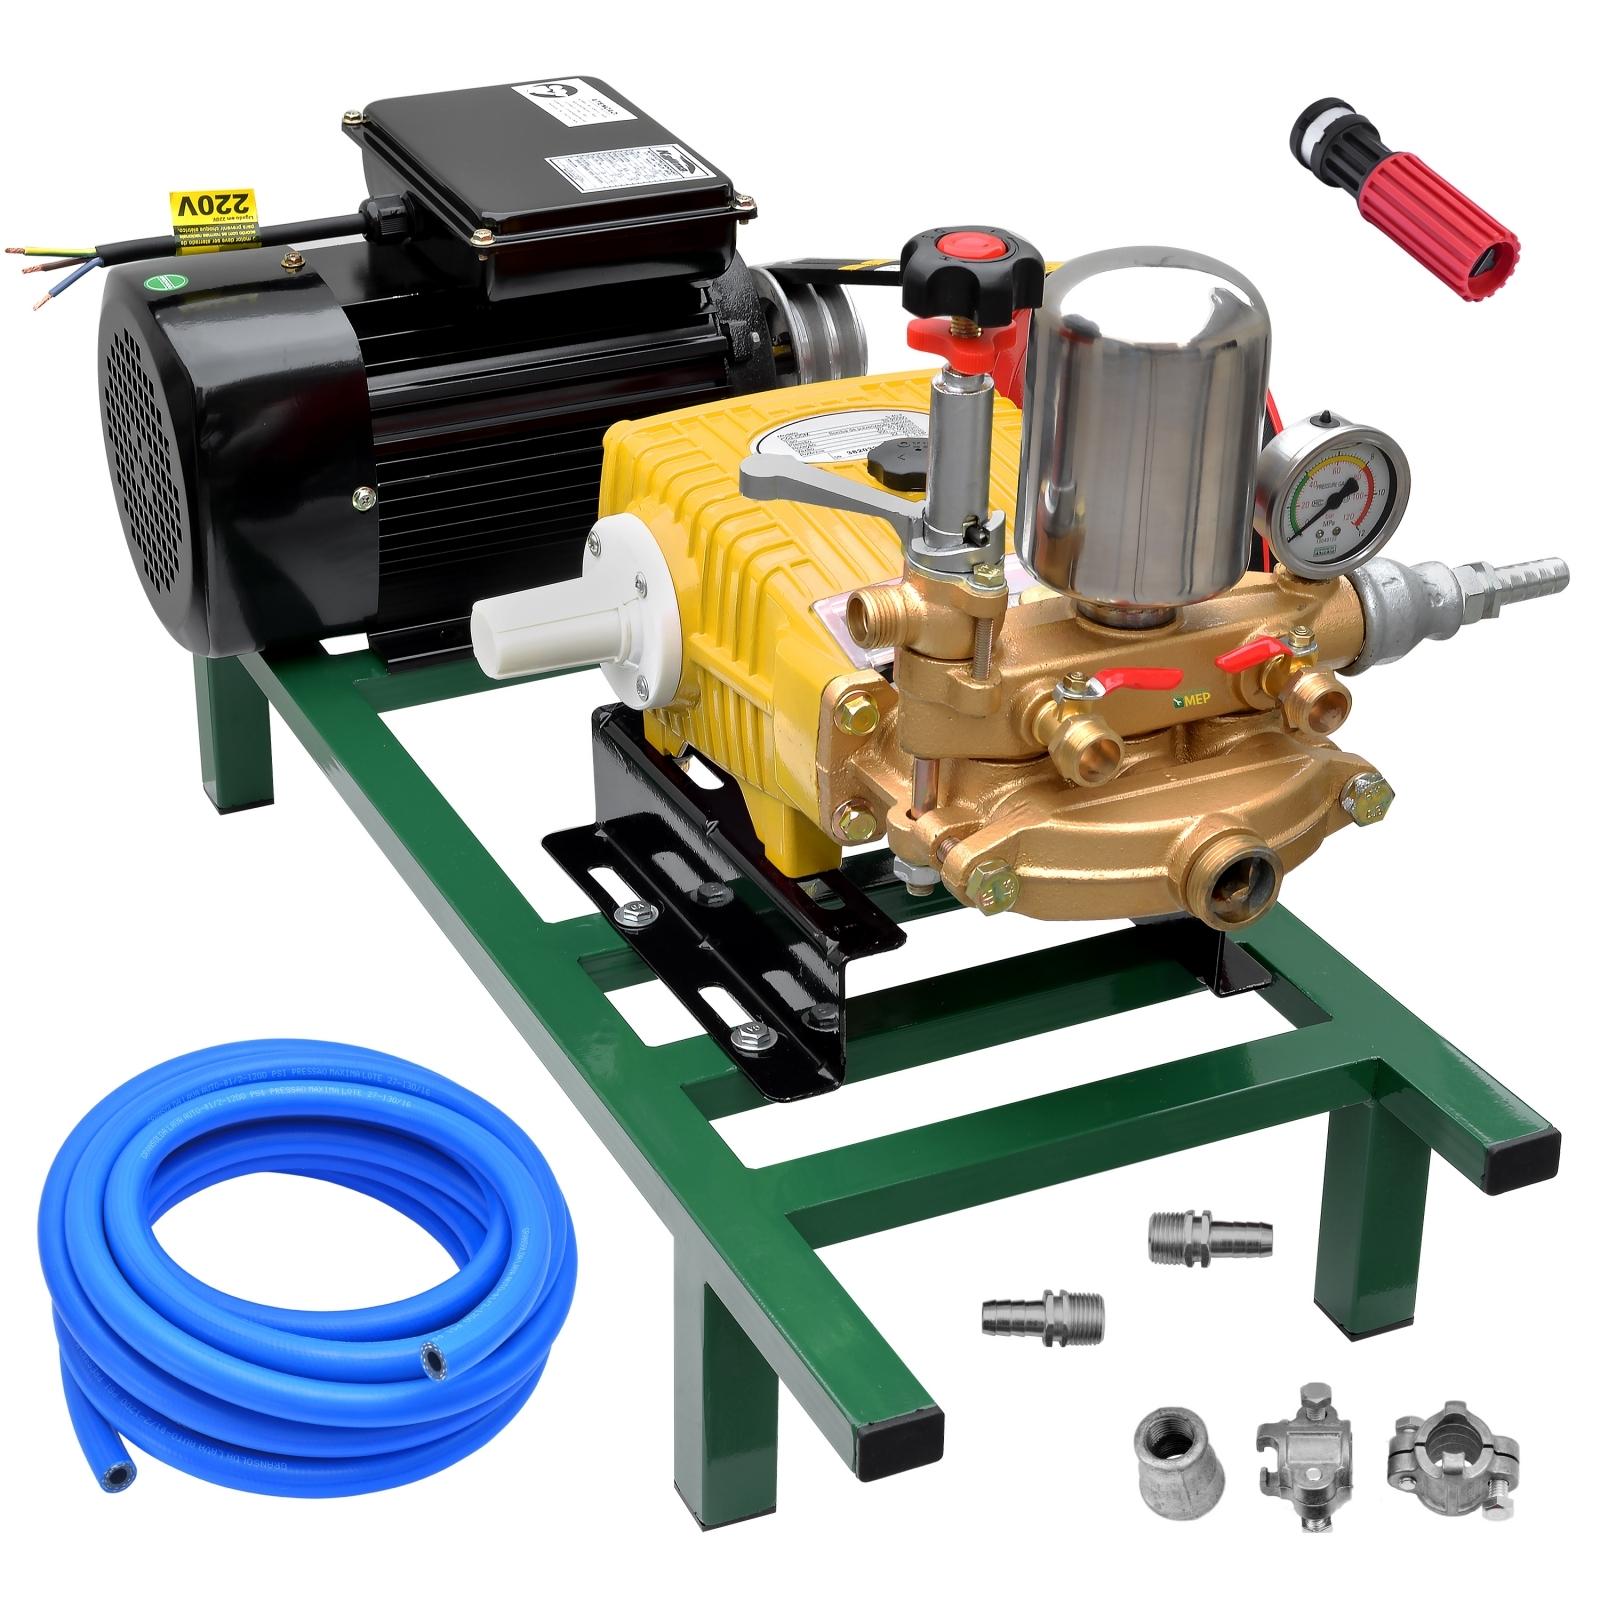 Bomba De Alta Pressão E Pulverização Matsuyama 45 + Motor marca Lynus 2cv 4p Lavacar Completa - Ferramentas MEP